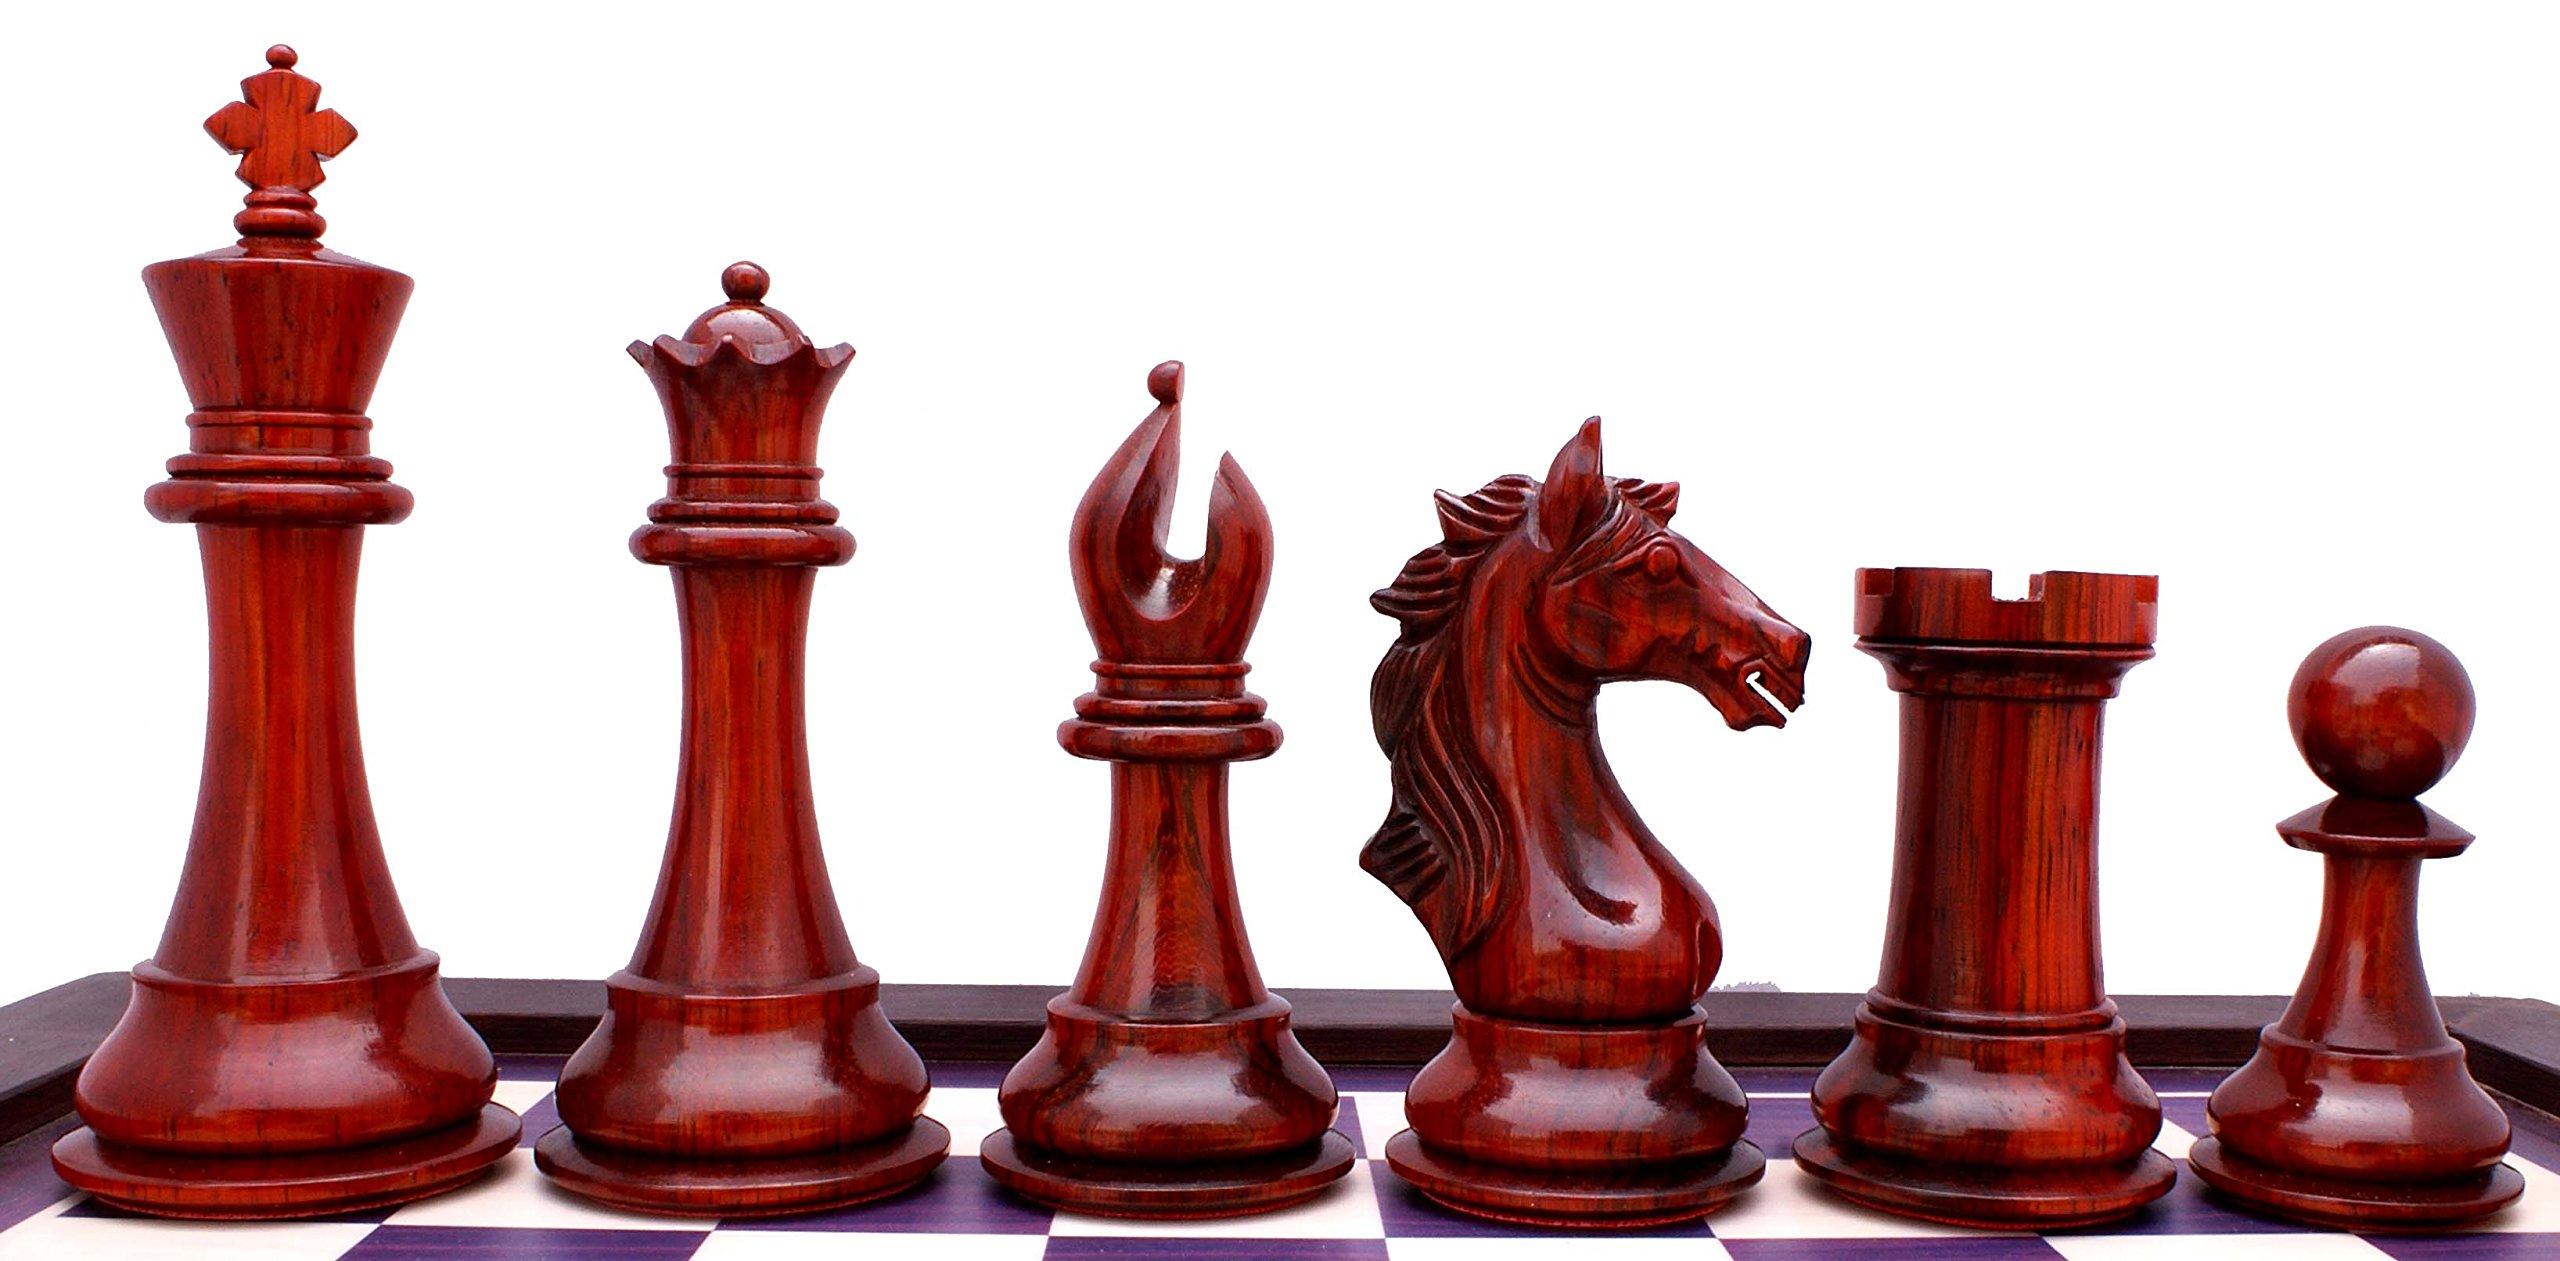 Elite Series Premium Staunton 4'' Chess Set by Staunton Empire (Image #5)